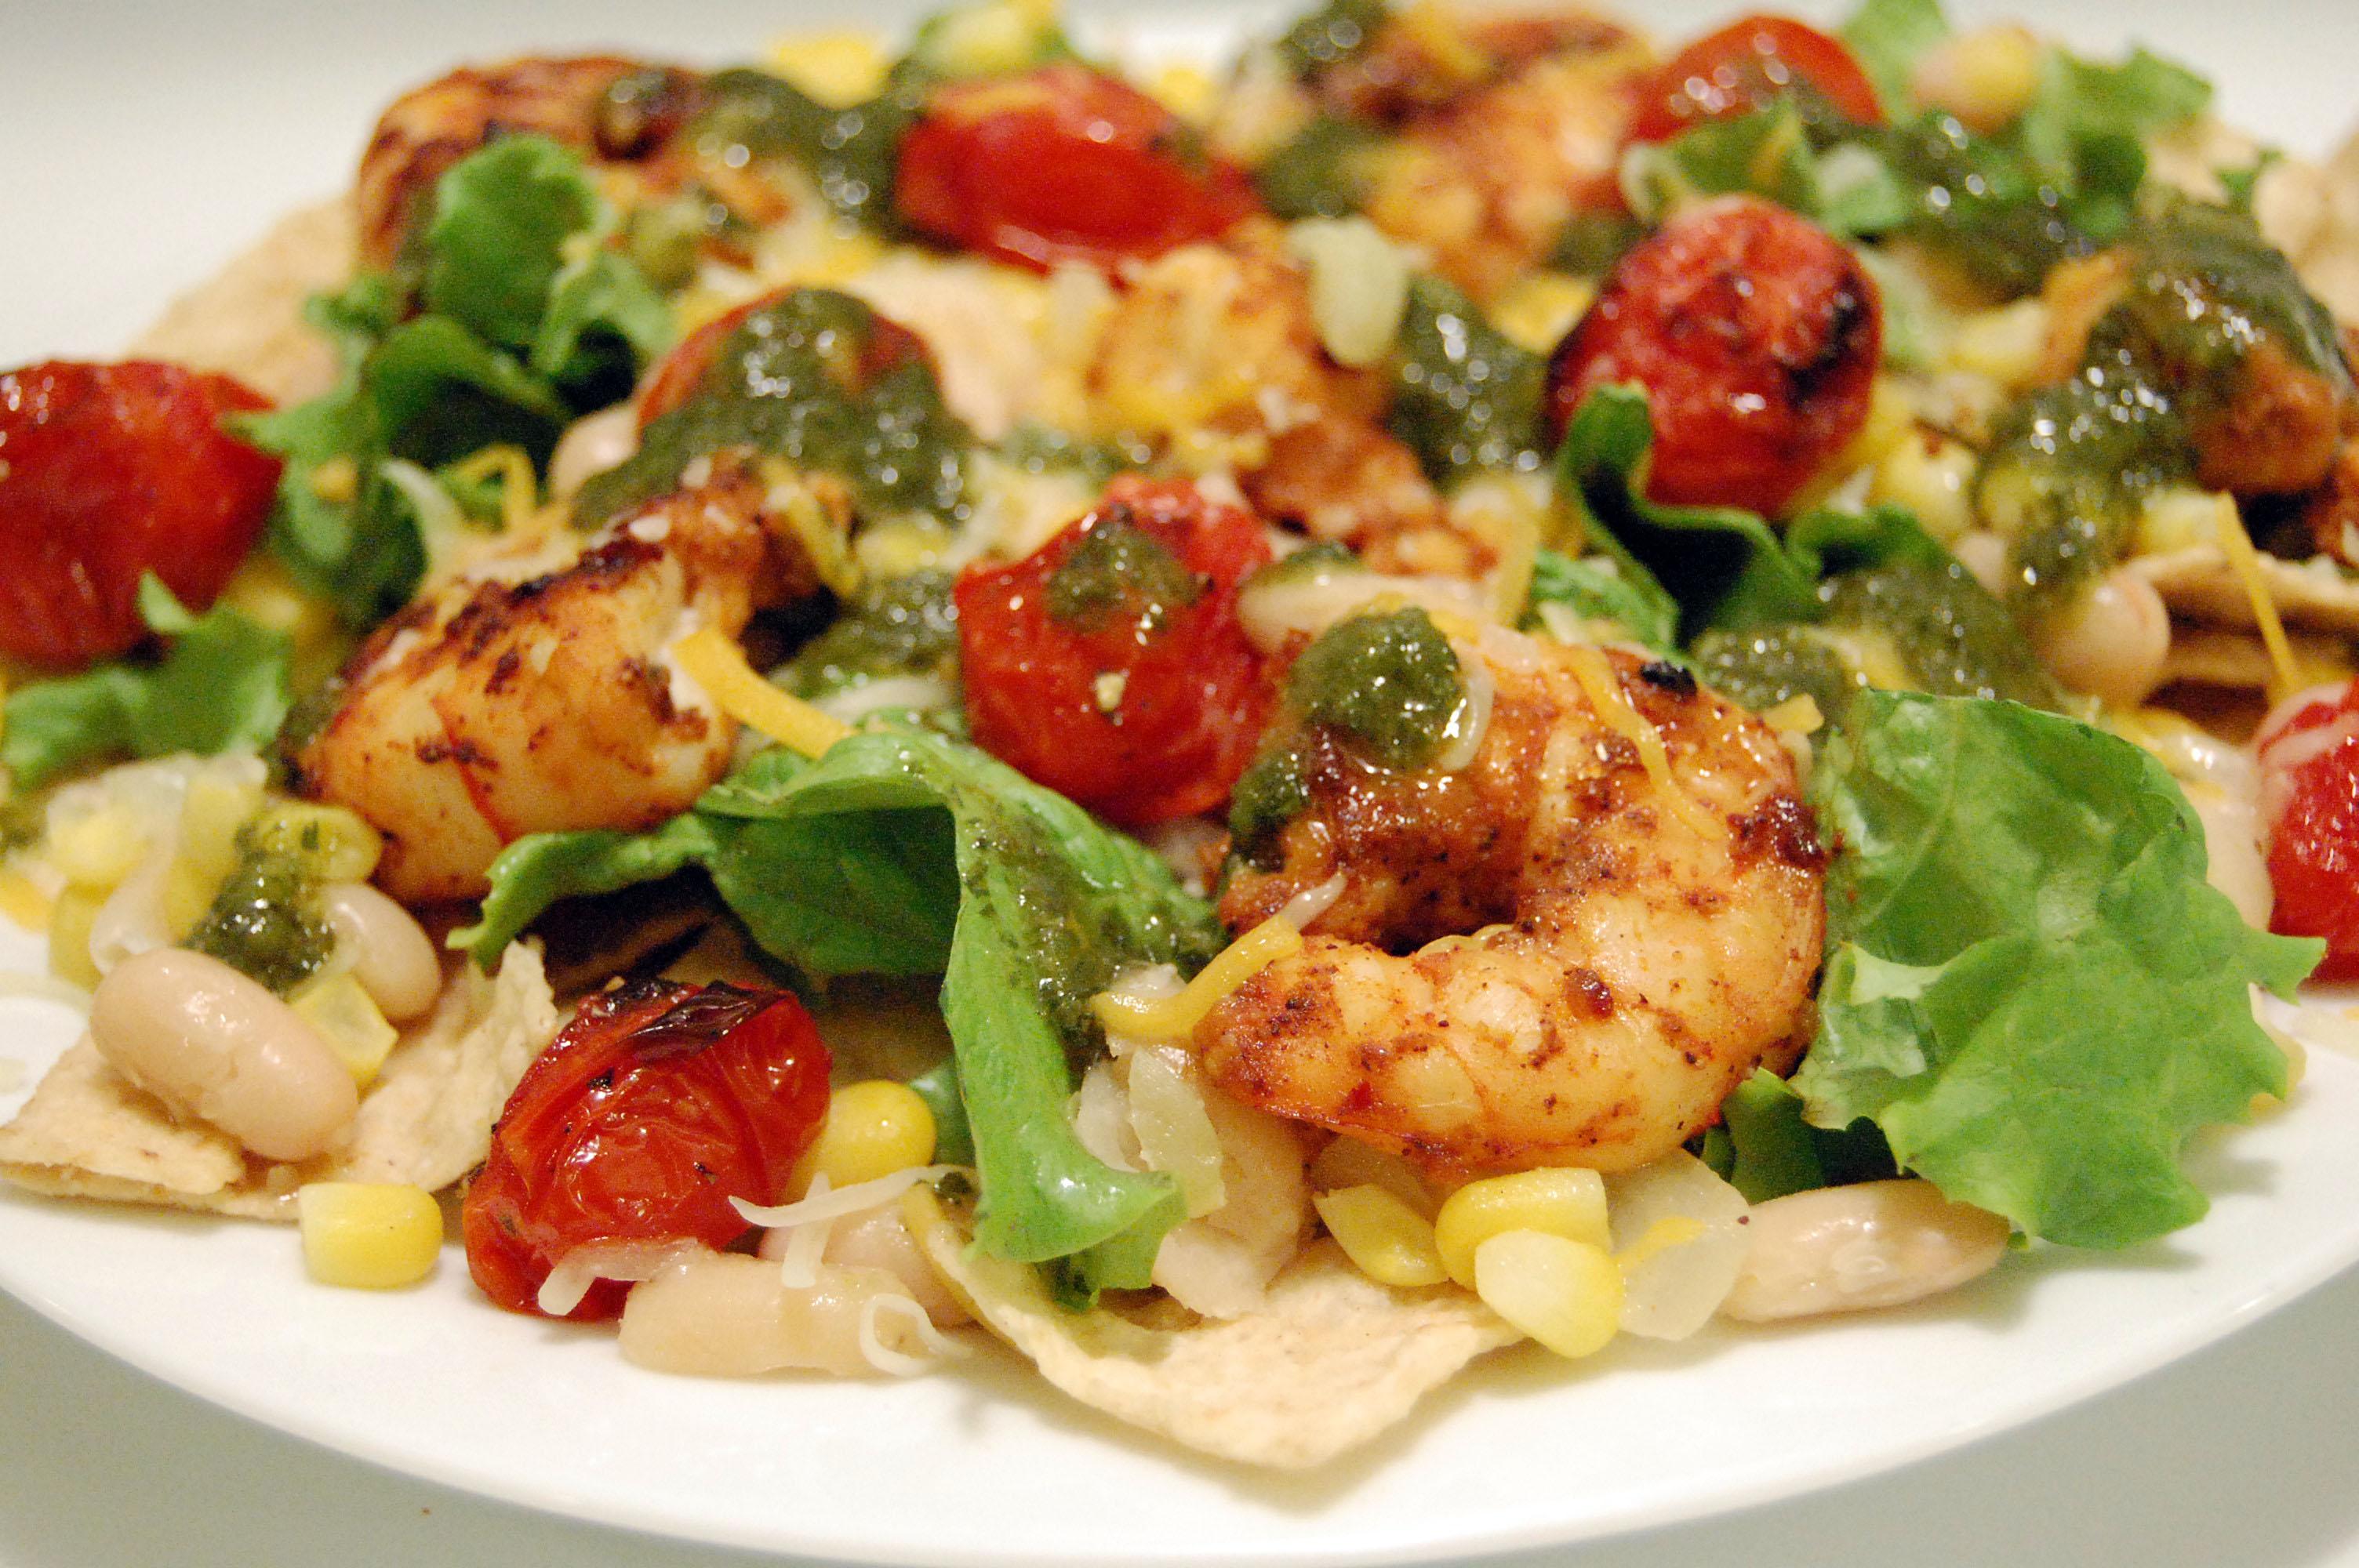 Chipotle-Lime Shrimp Taco Salad w/ Cilantro Vinaigrette ...